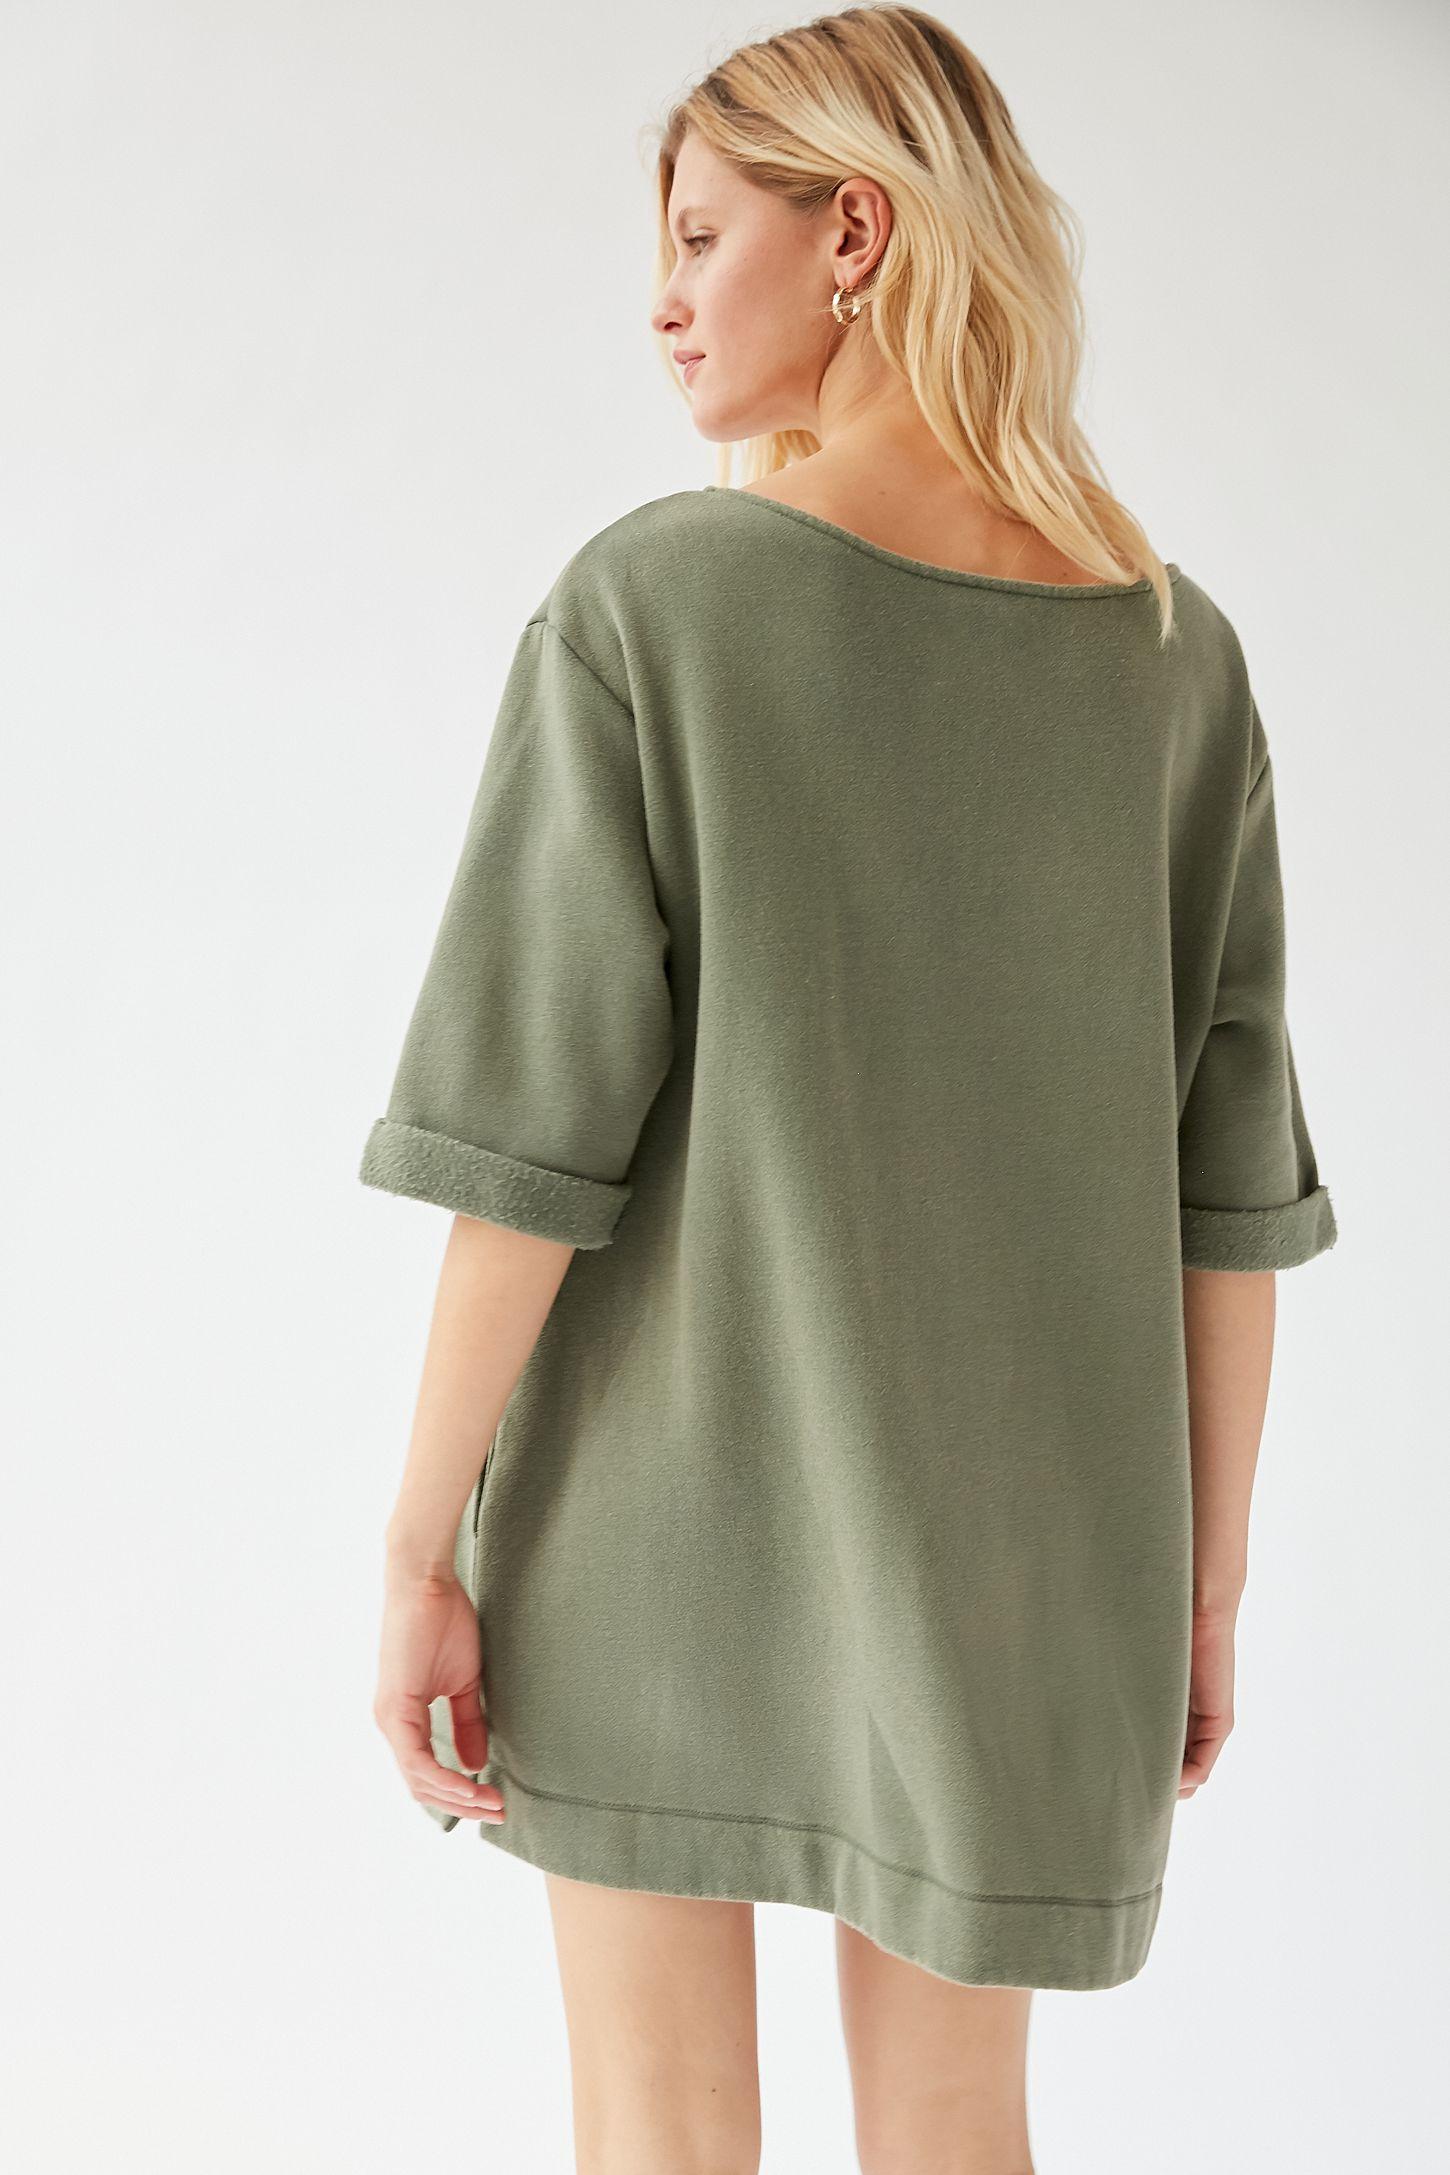 UO Torino Sweatshirt Mini Dress 2